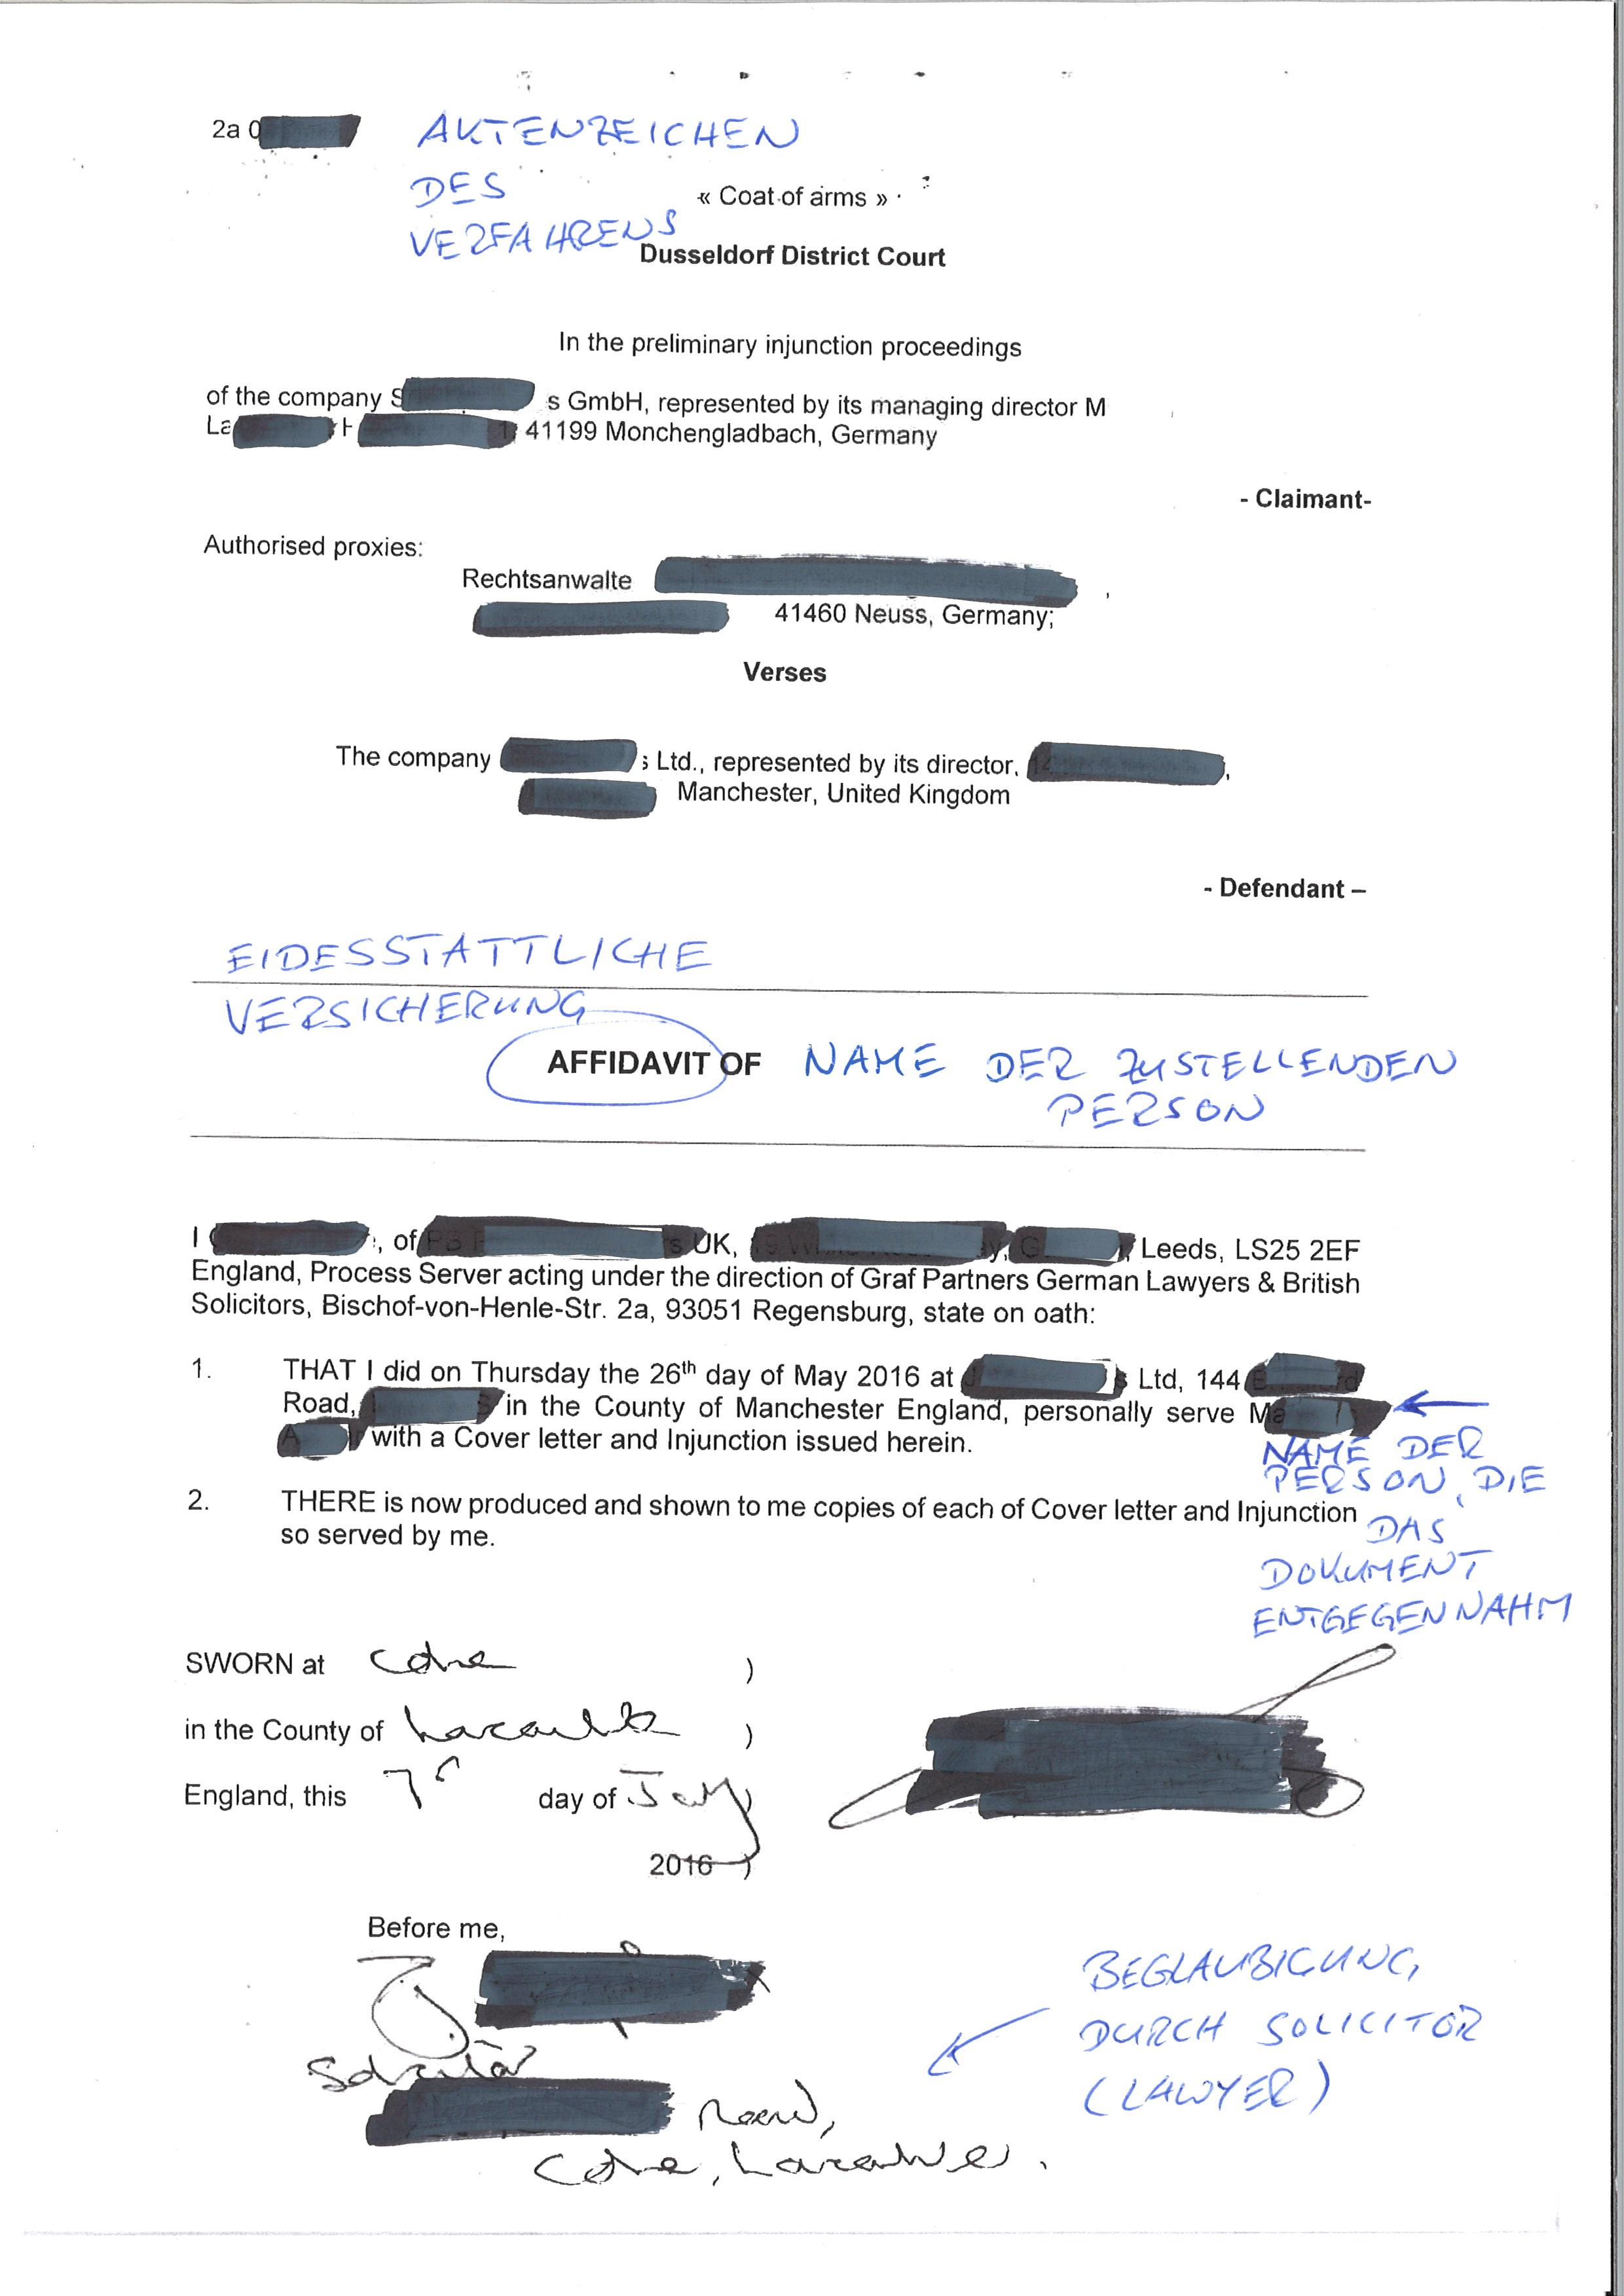 Großzügig Scheidung Affidavit Vorlage Bilder - Entry Level Resume ...